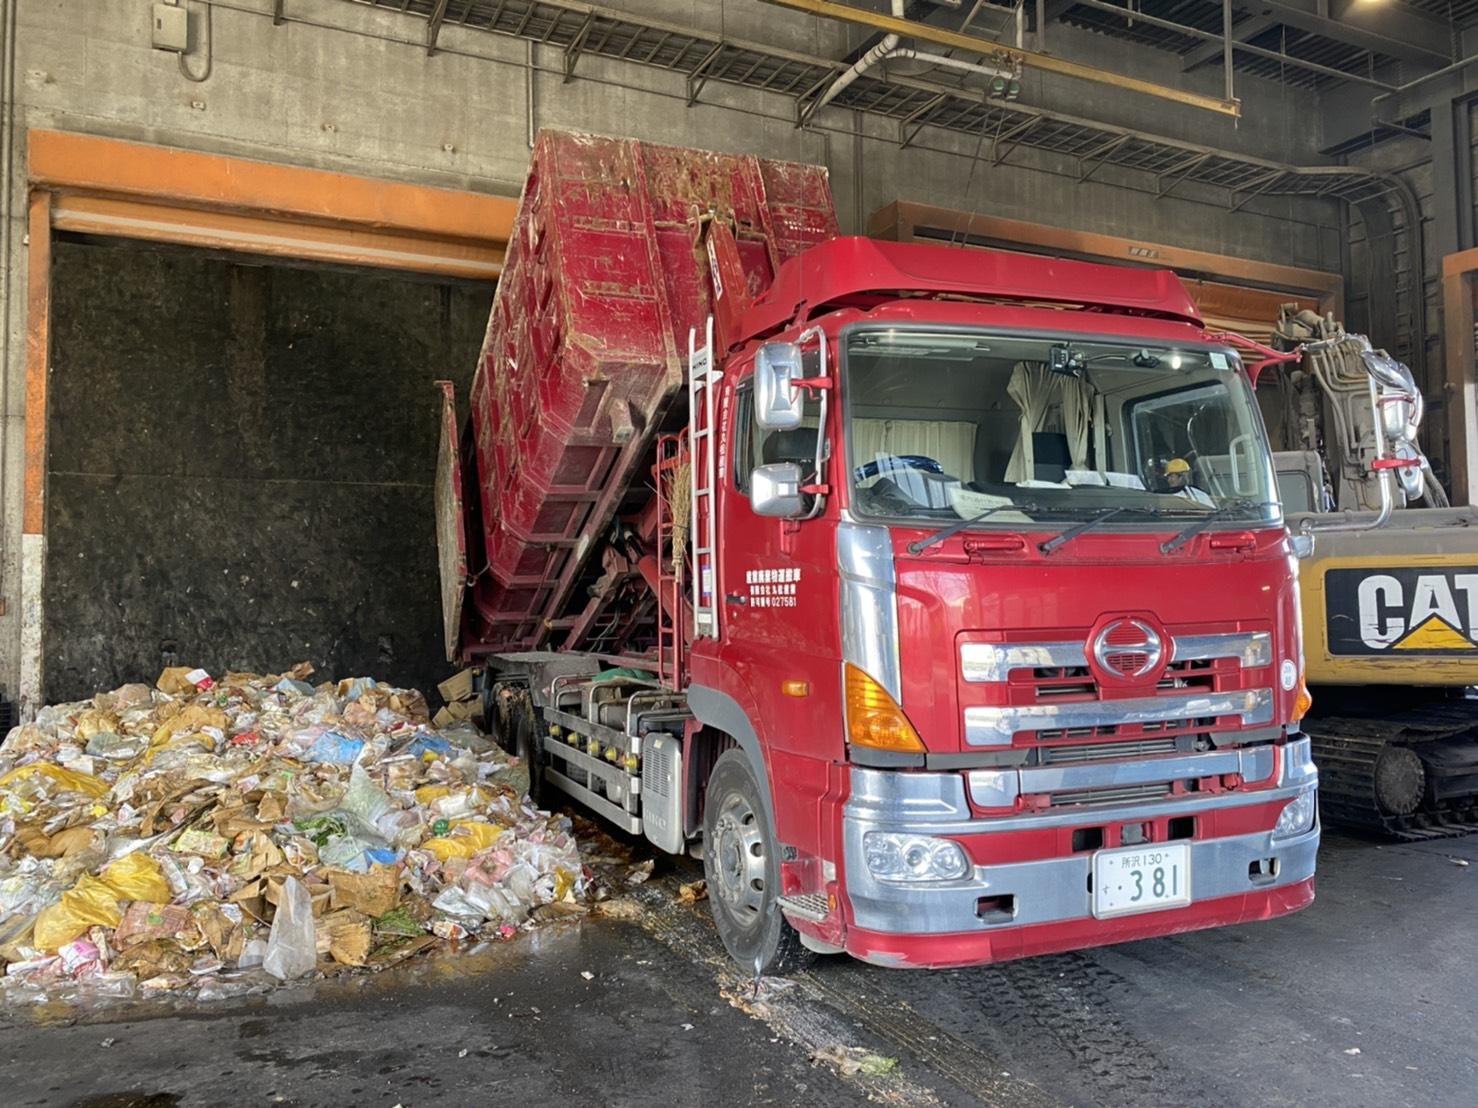 【産業廃棄物の回収処理】廃化粧品(汚泥)等の積み込みと廃棄を工場にて行った事例を紹介します。